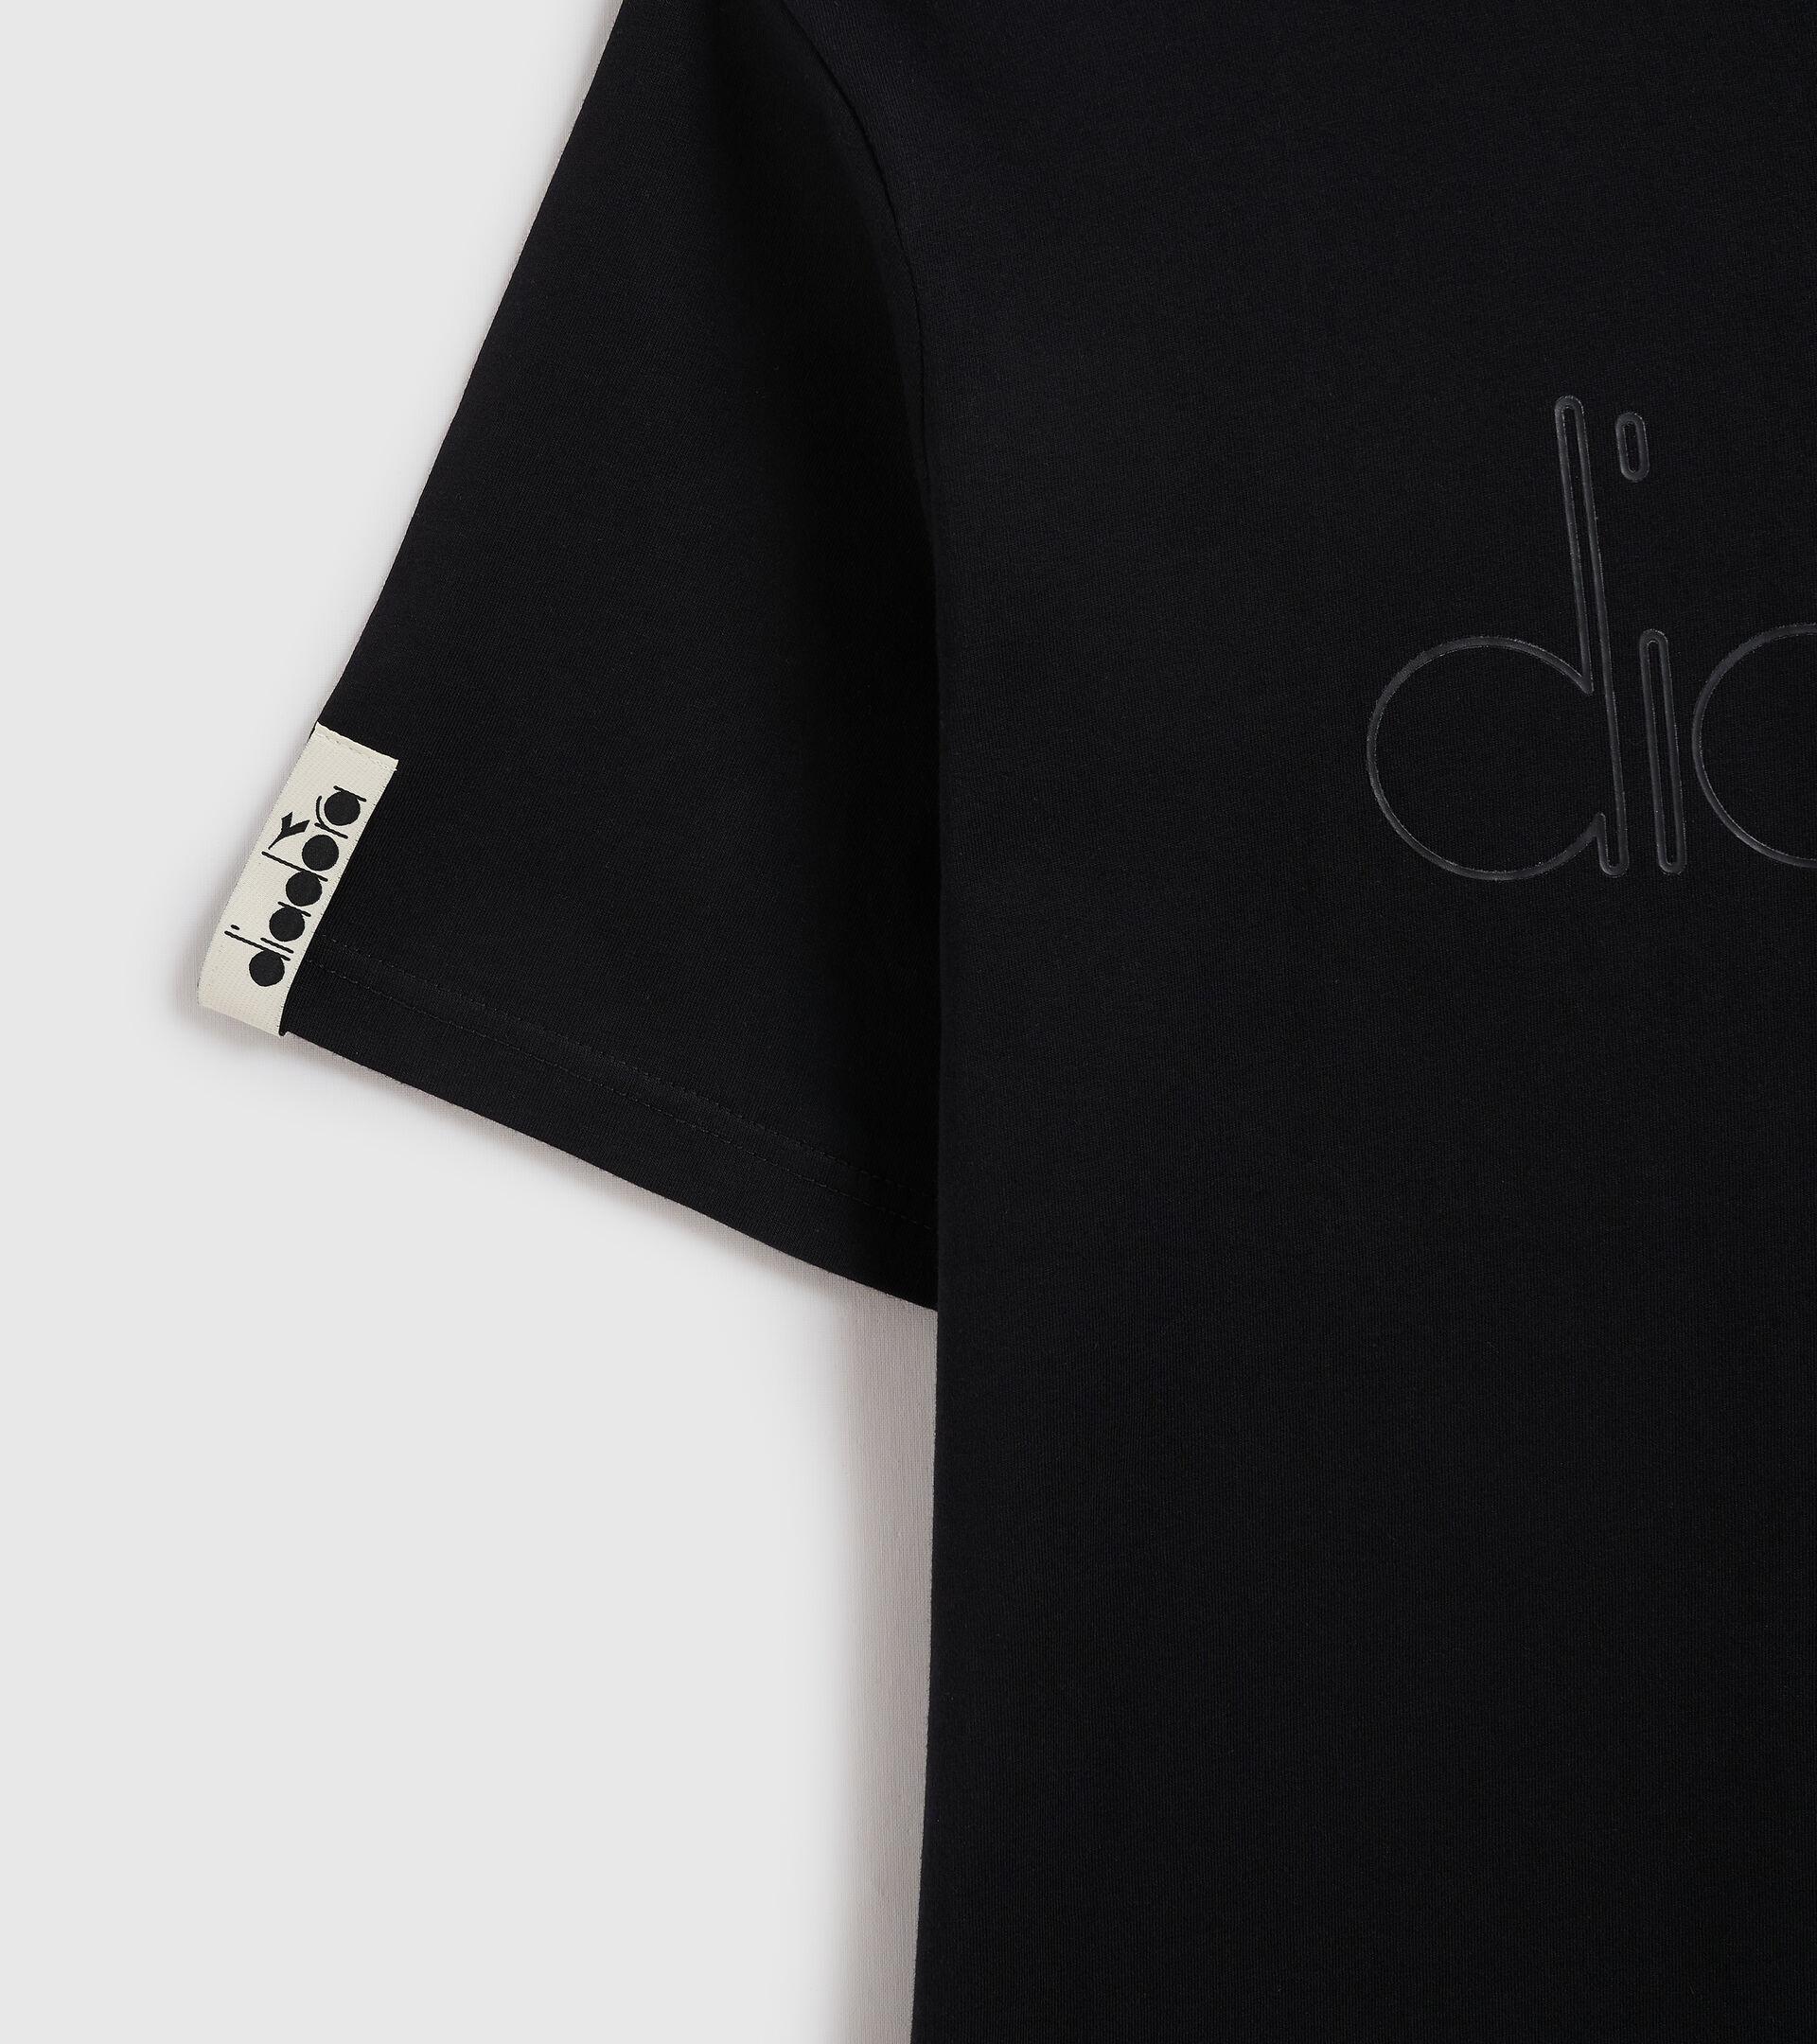 T-Shirt - Unisex T-SHIRT SS DIADORA HD SCHWARZ - Diadora